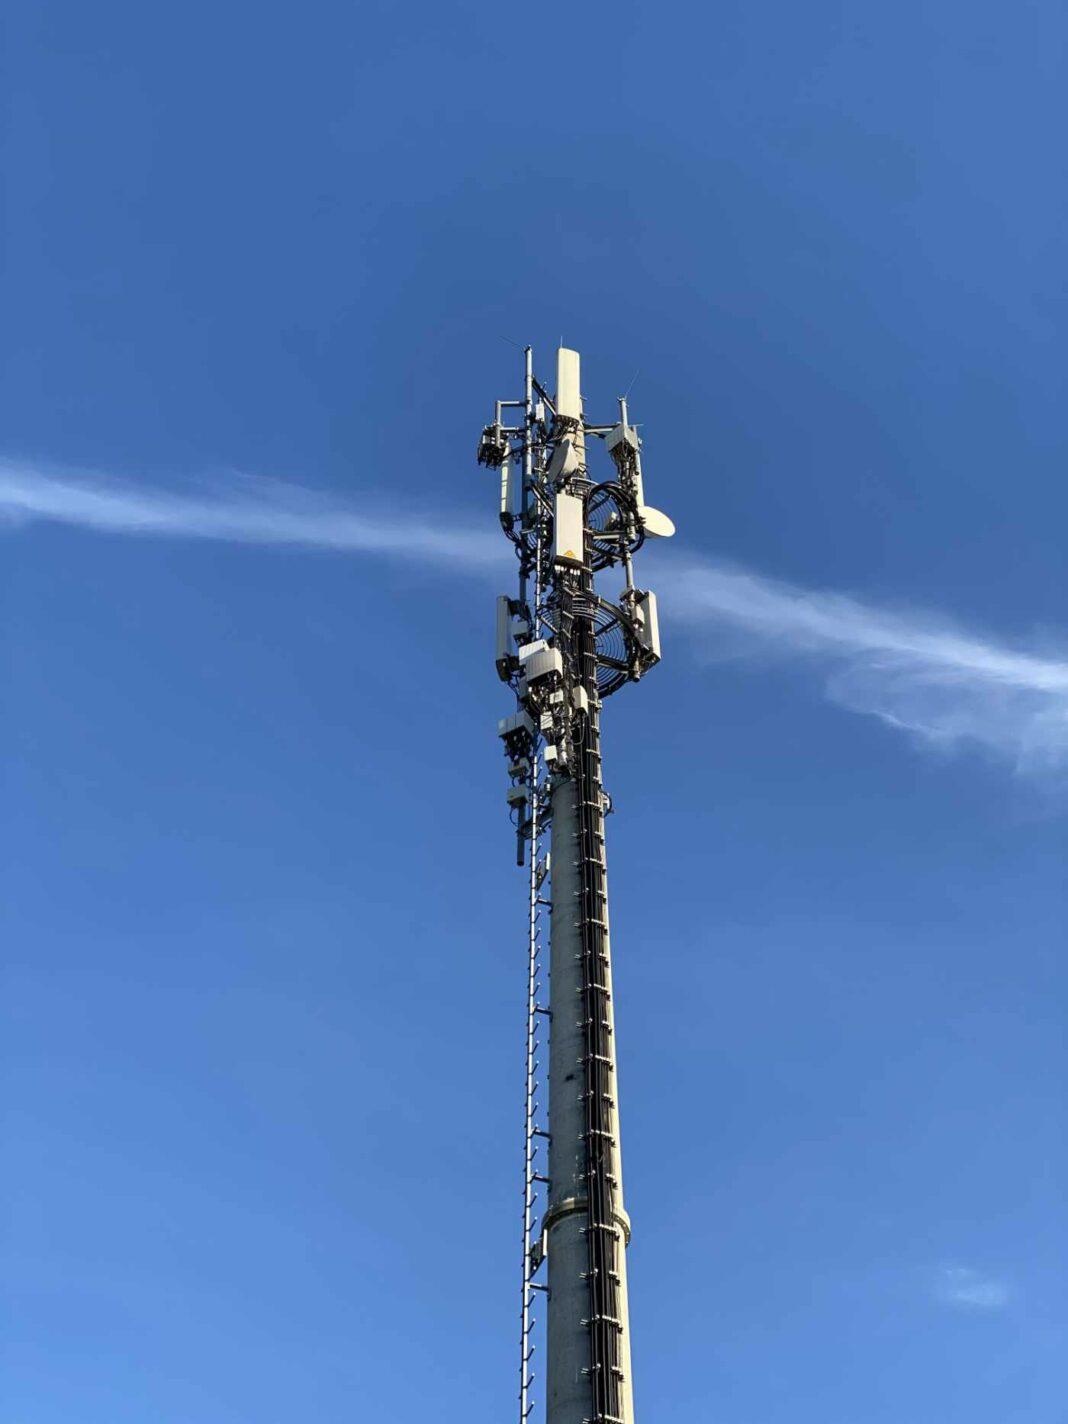 Mobilfunkantenne vor blauem Himmel. Bild Thorsten Claus